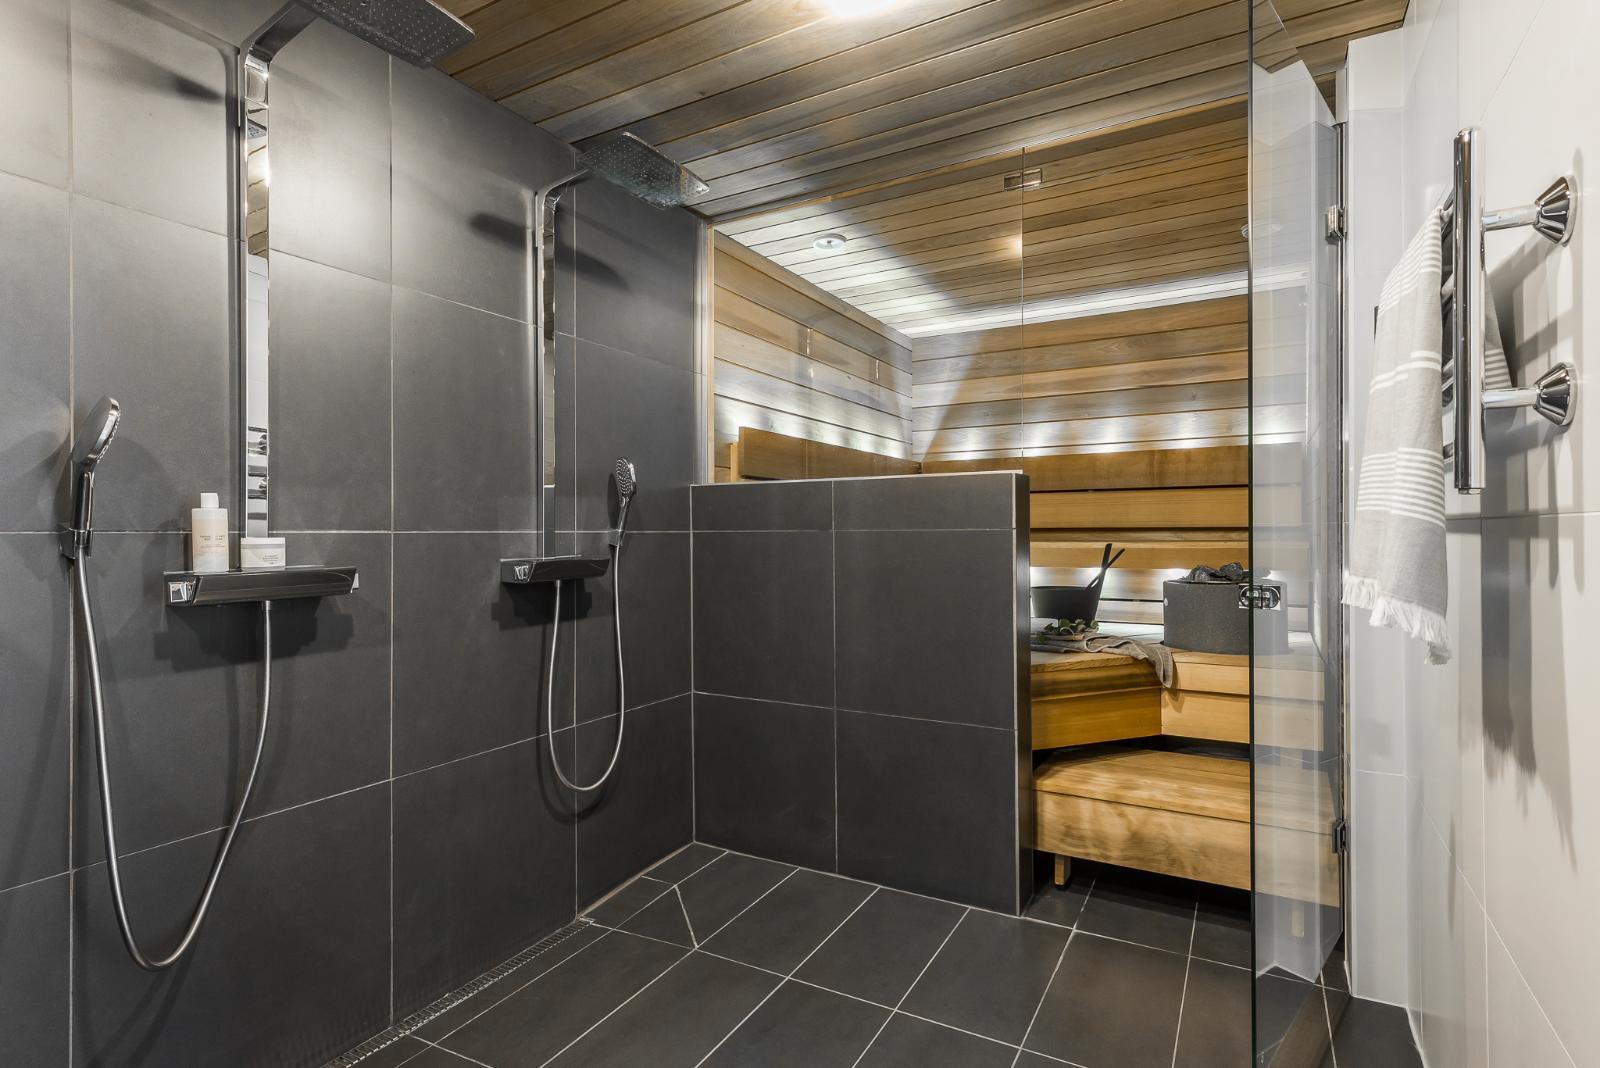 Tyylikäs harmaa kylpyhuone  Etuovi com Ideat & vinkit